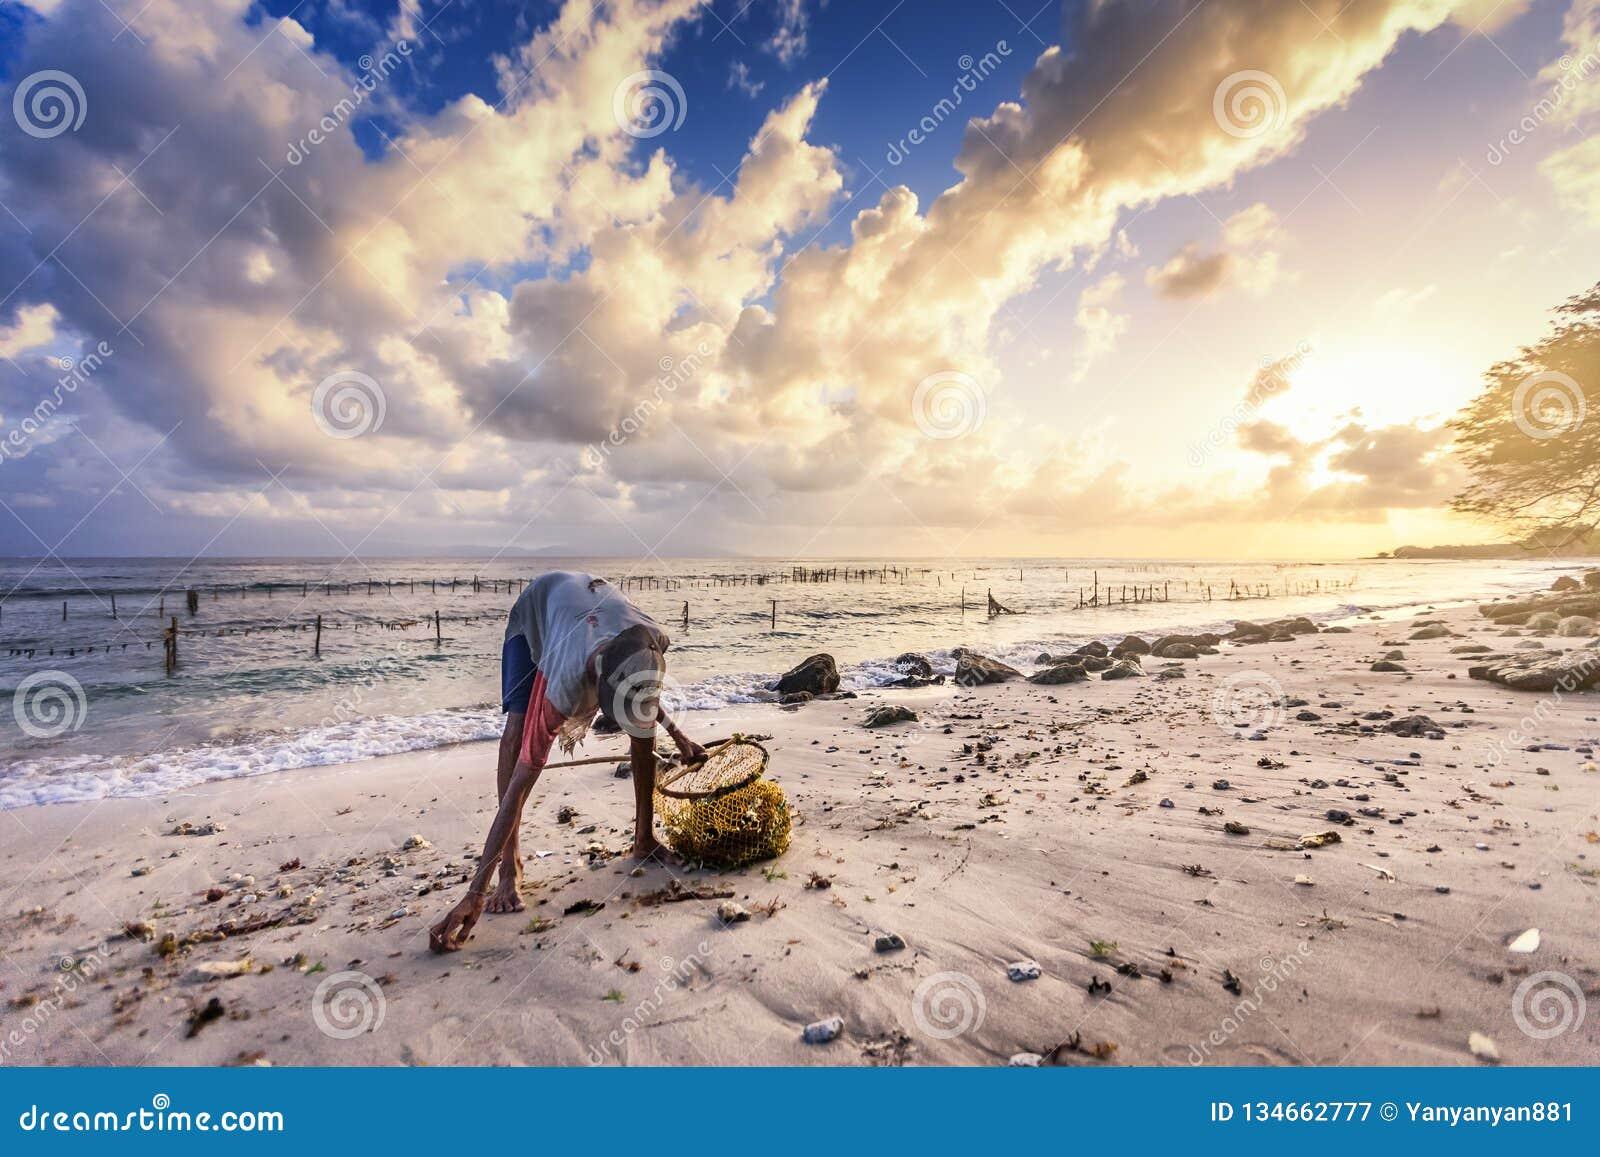 Den gamla fattiga kvinnan väljer upp havsväxt längs stranden